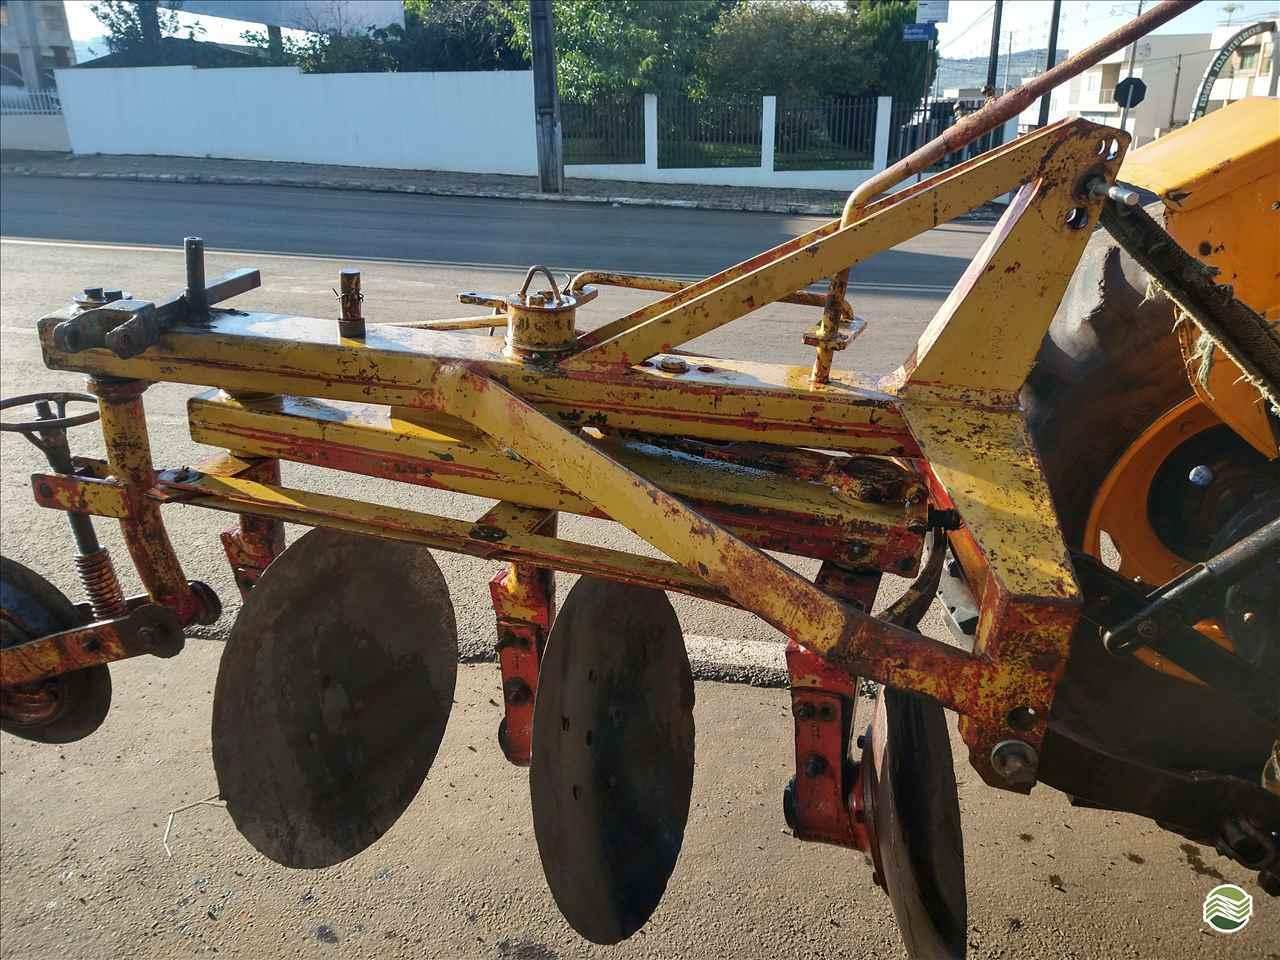 IMPLEMENTOS AGRICOLAS ARADO DE DISCO 3 DISCOS REVERSÍVEL P. M. Muller Maquinas e Implementos Agrícolas SALTO DO LONTRA PARANÁ PR